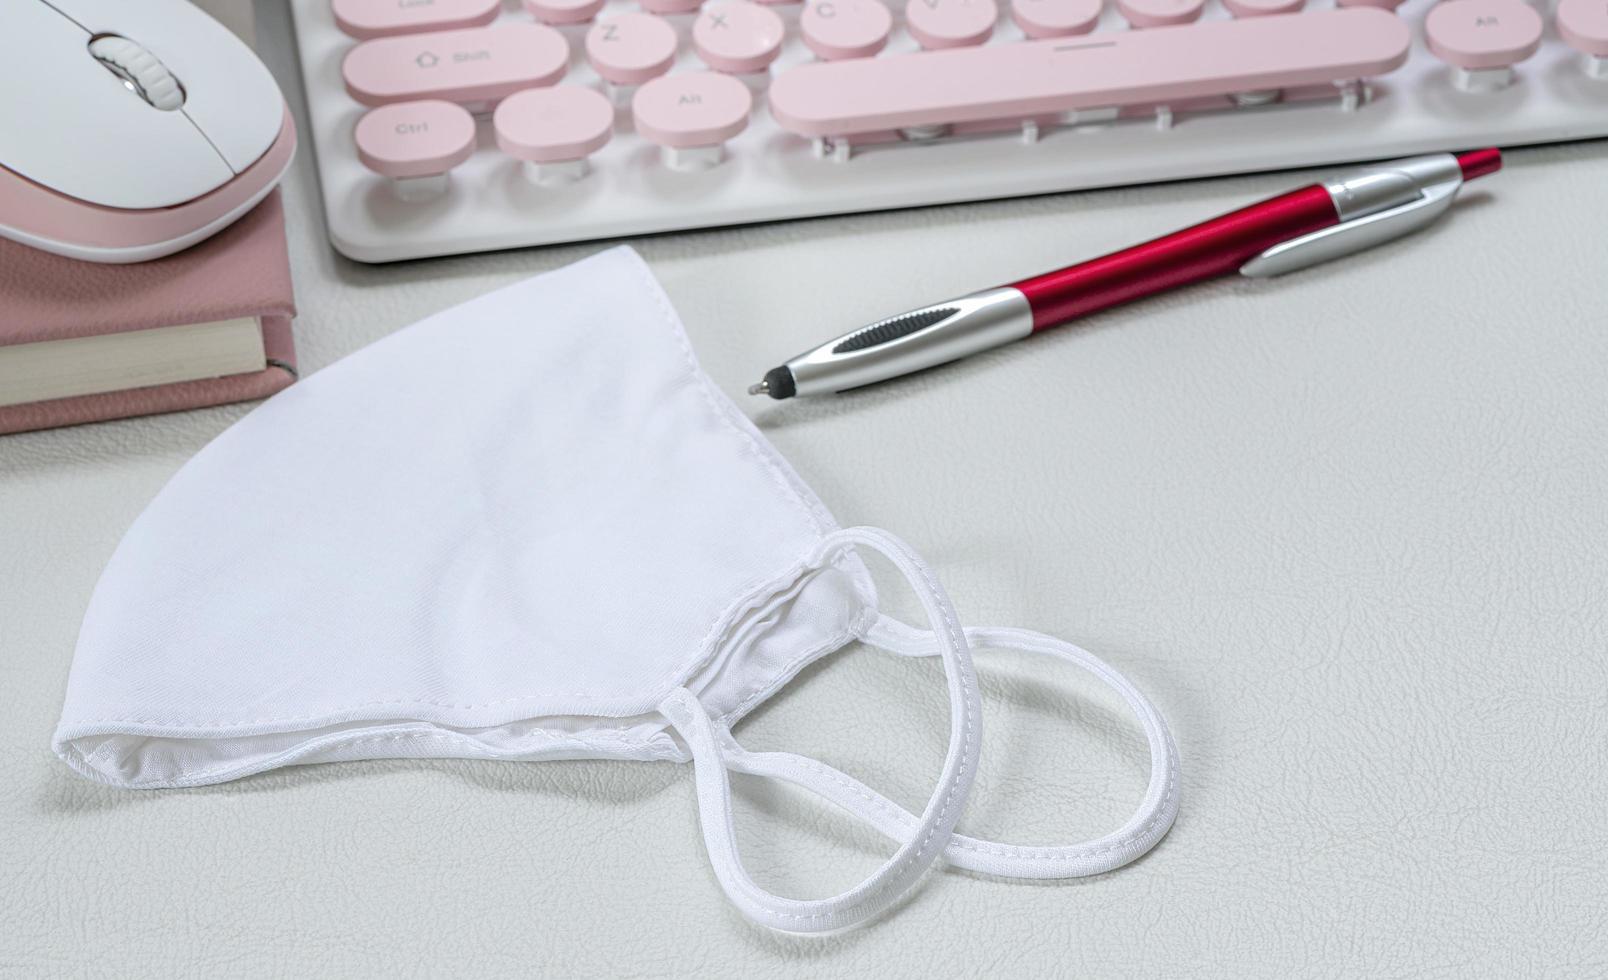 gezichtsmasker op een bureau met een toetsenbord en een pen foto